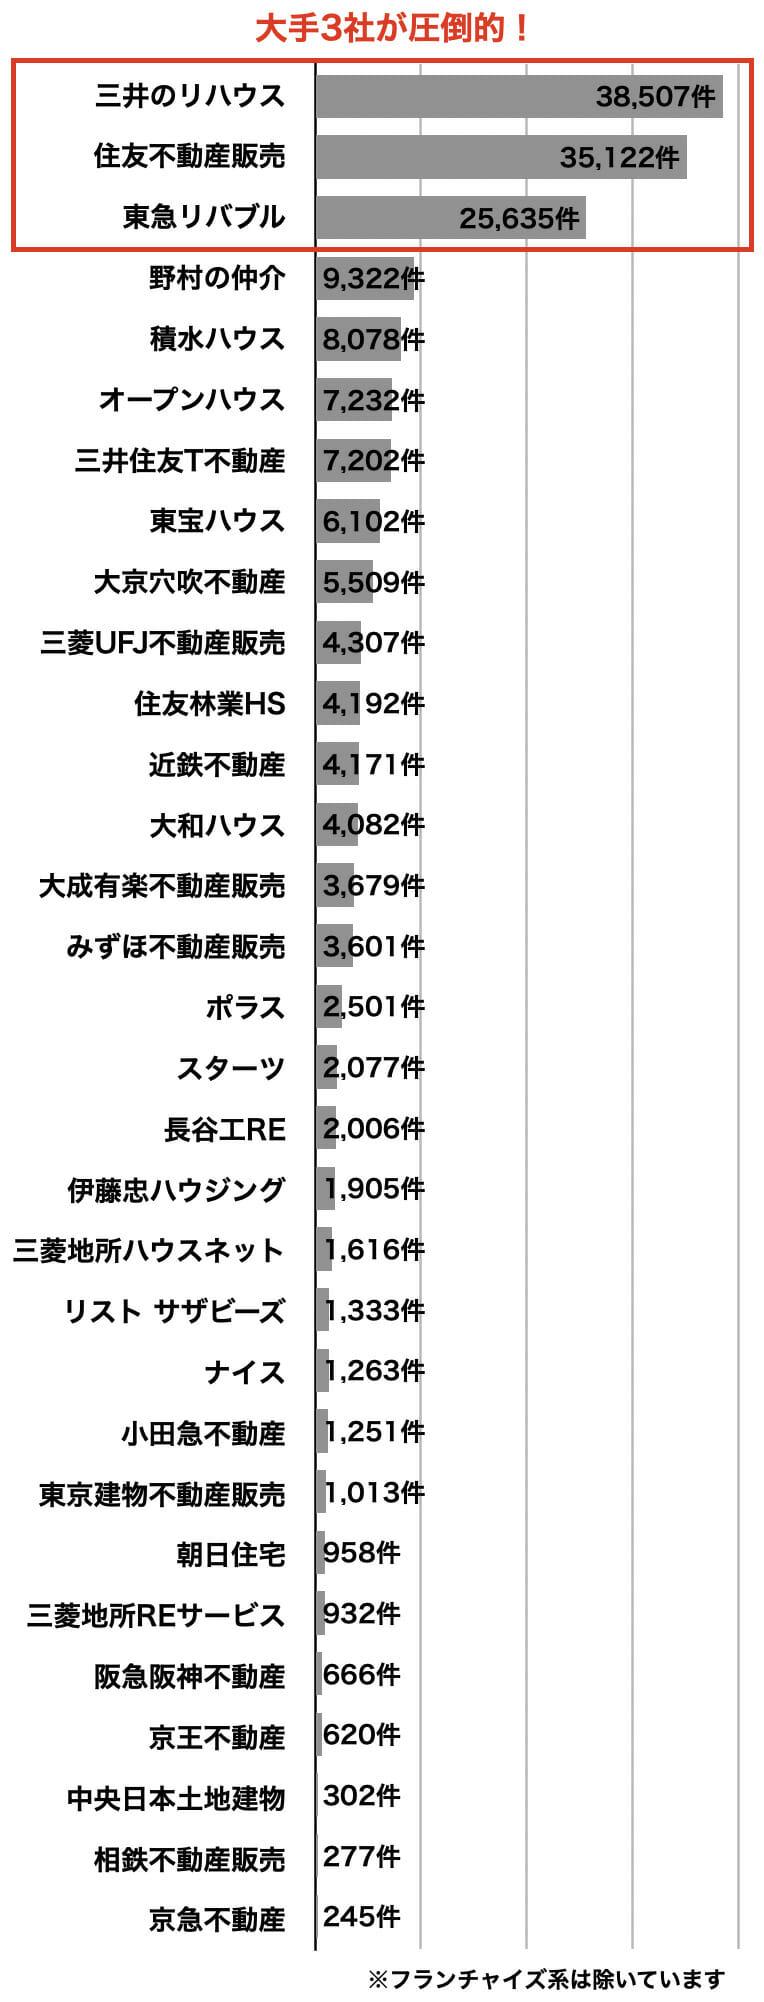 不動産会社の売買仲介件数ランキング2021年3月